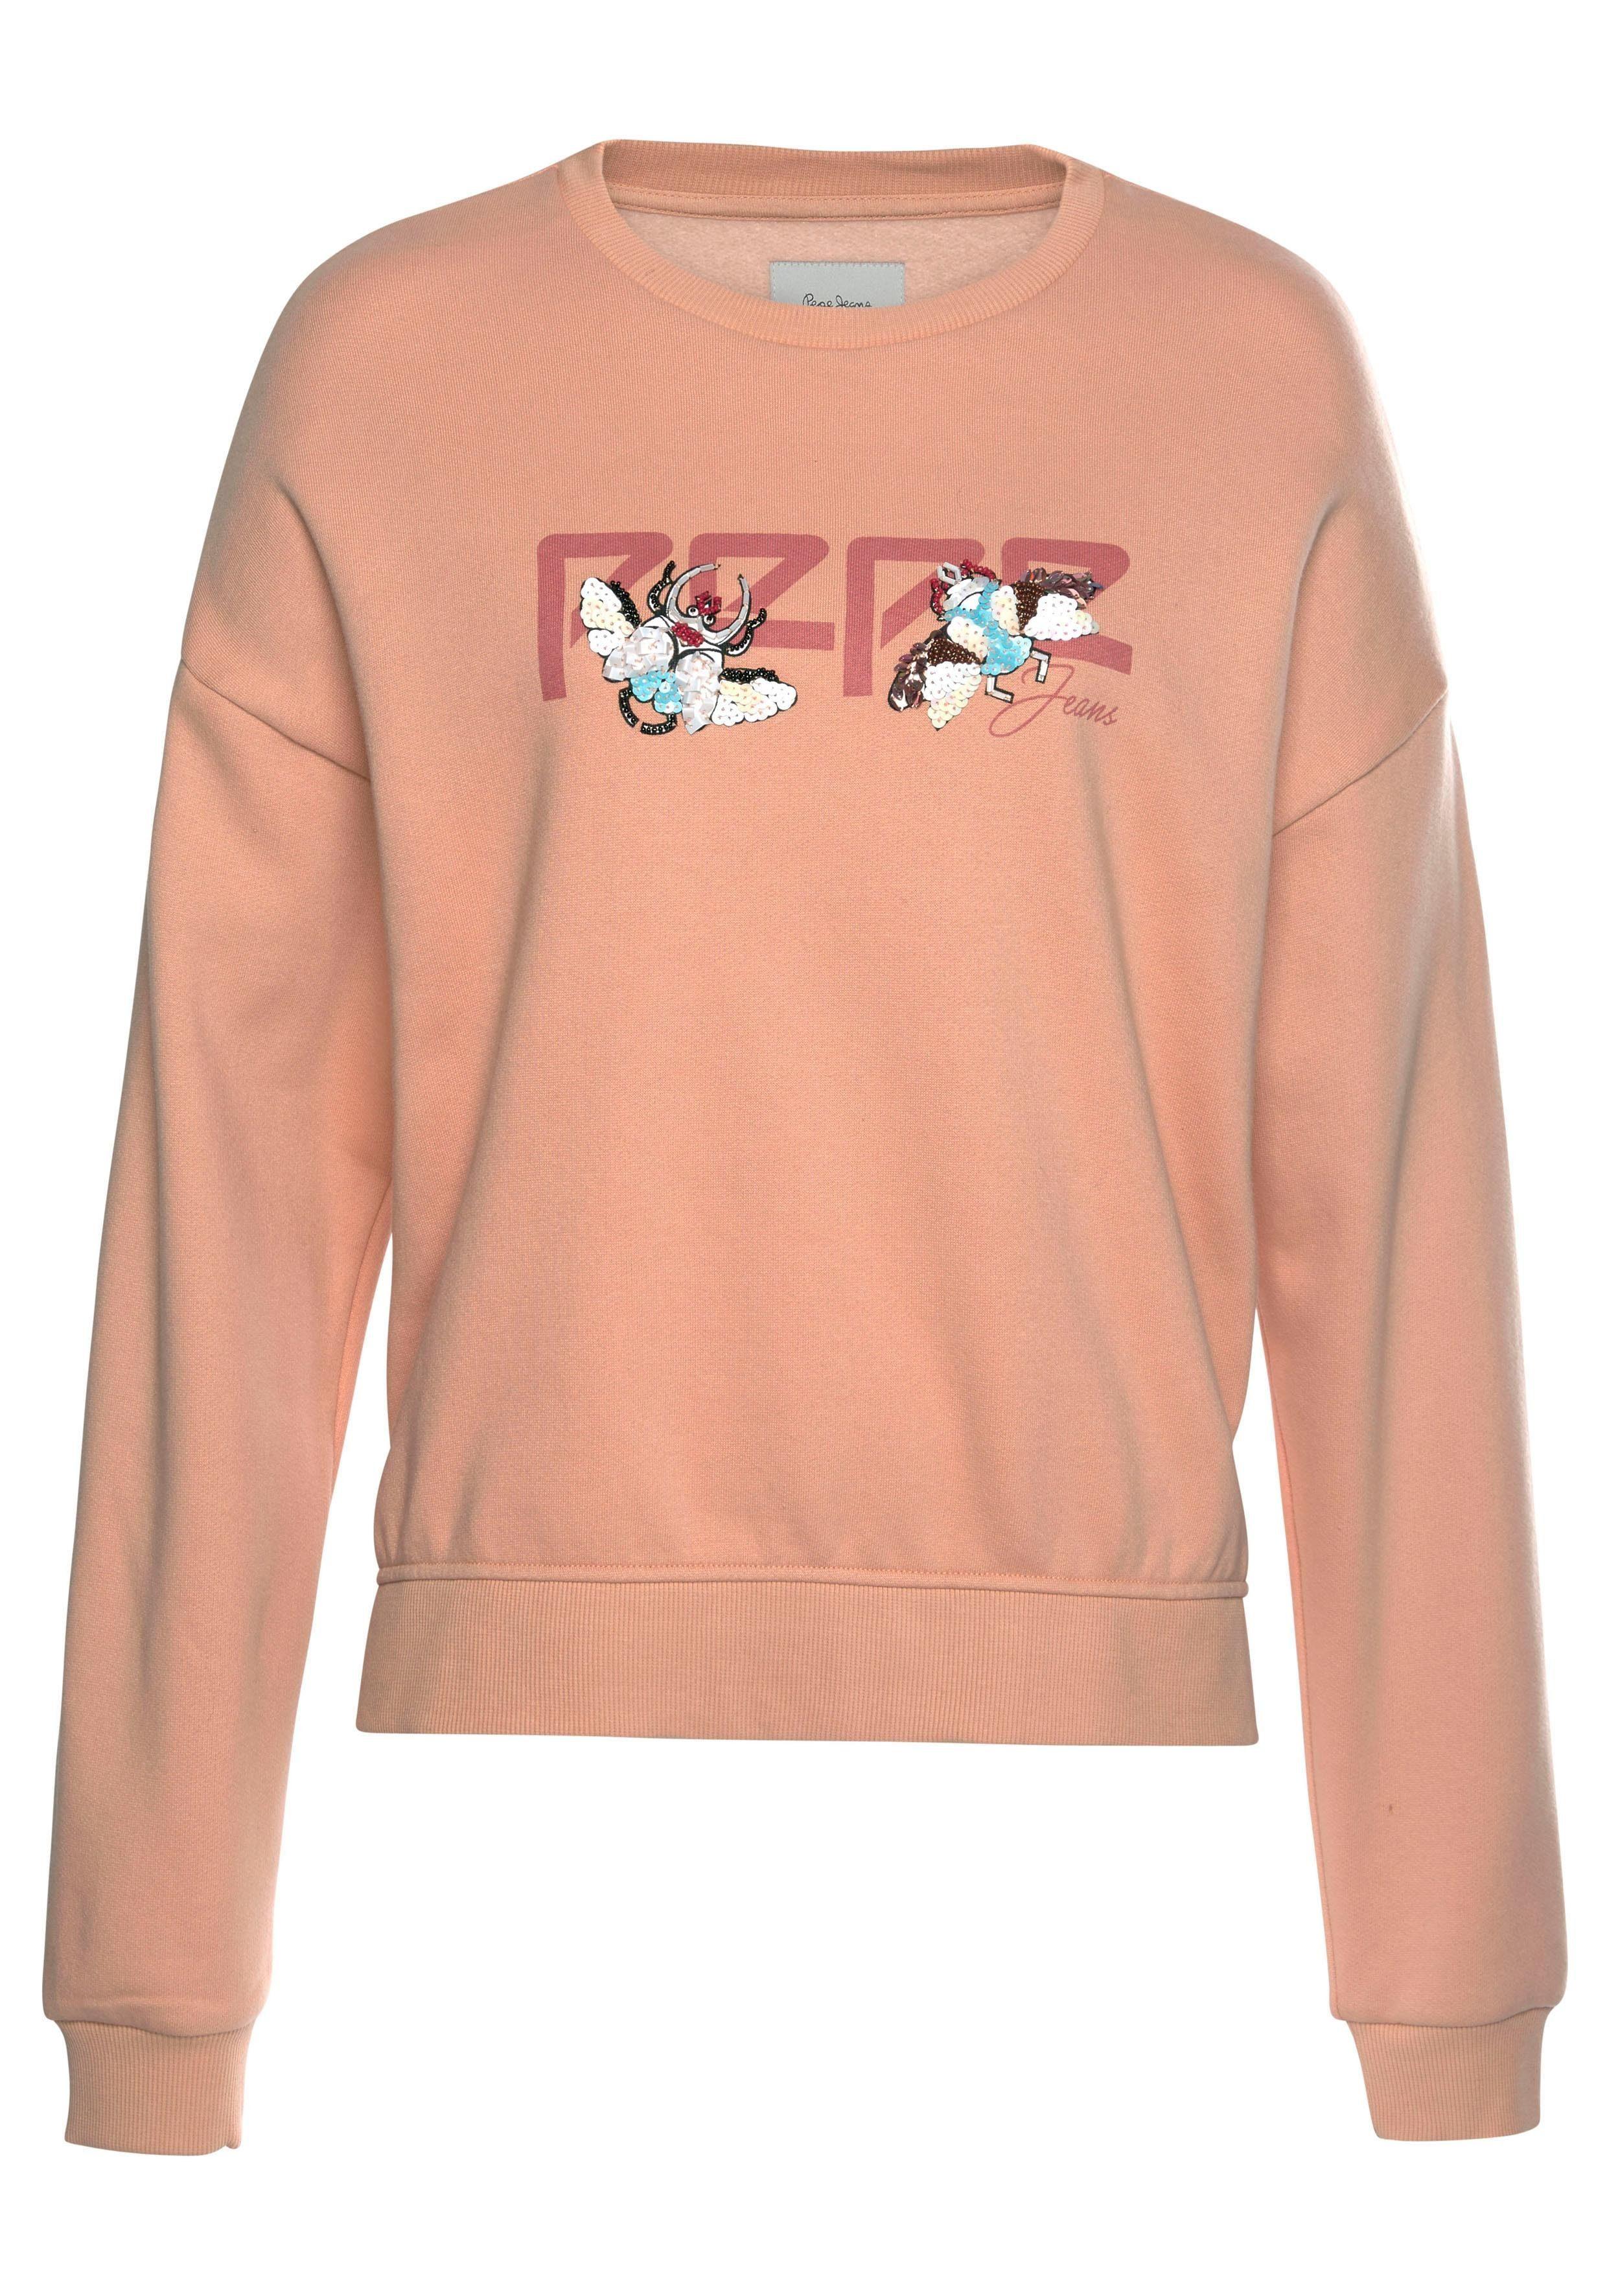 Kaufen Sweater Paillettenamp; Zierperlen Jeans Online Pepe Logo »joana« applikation Mit kXPiuOZT